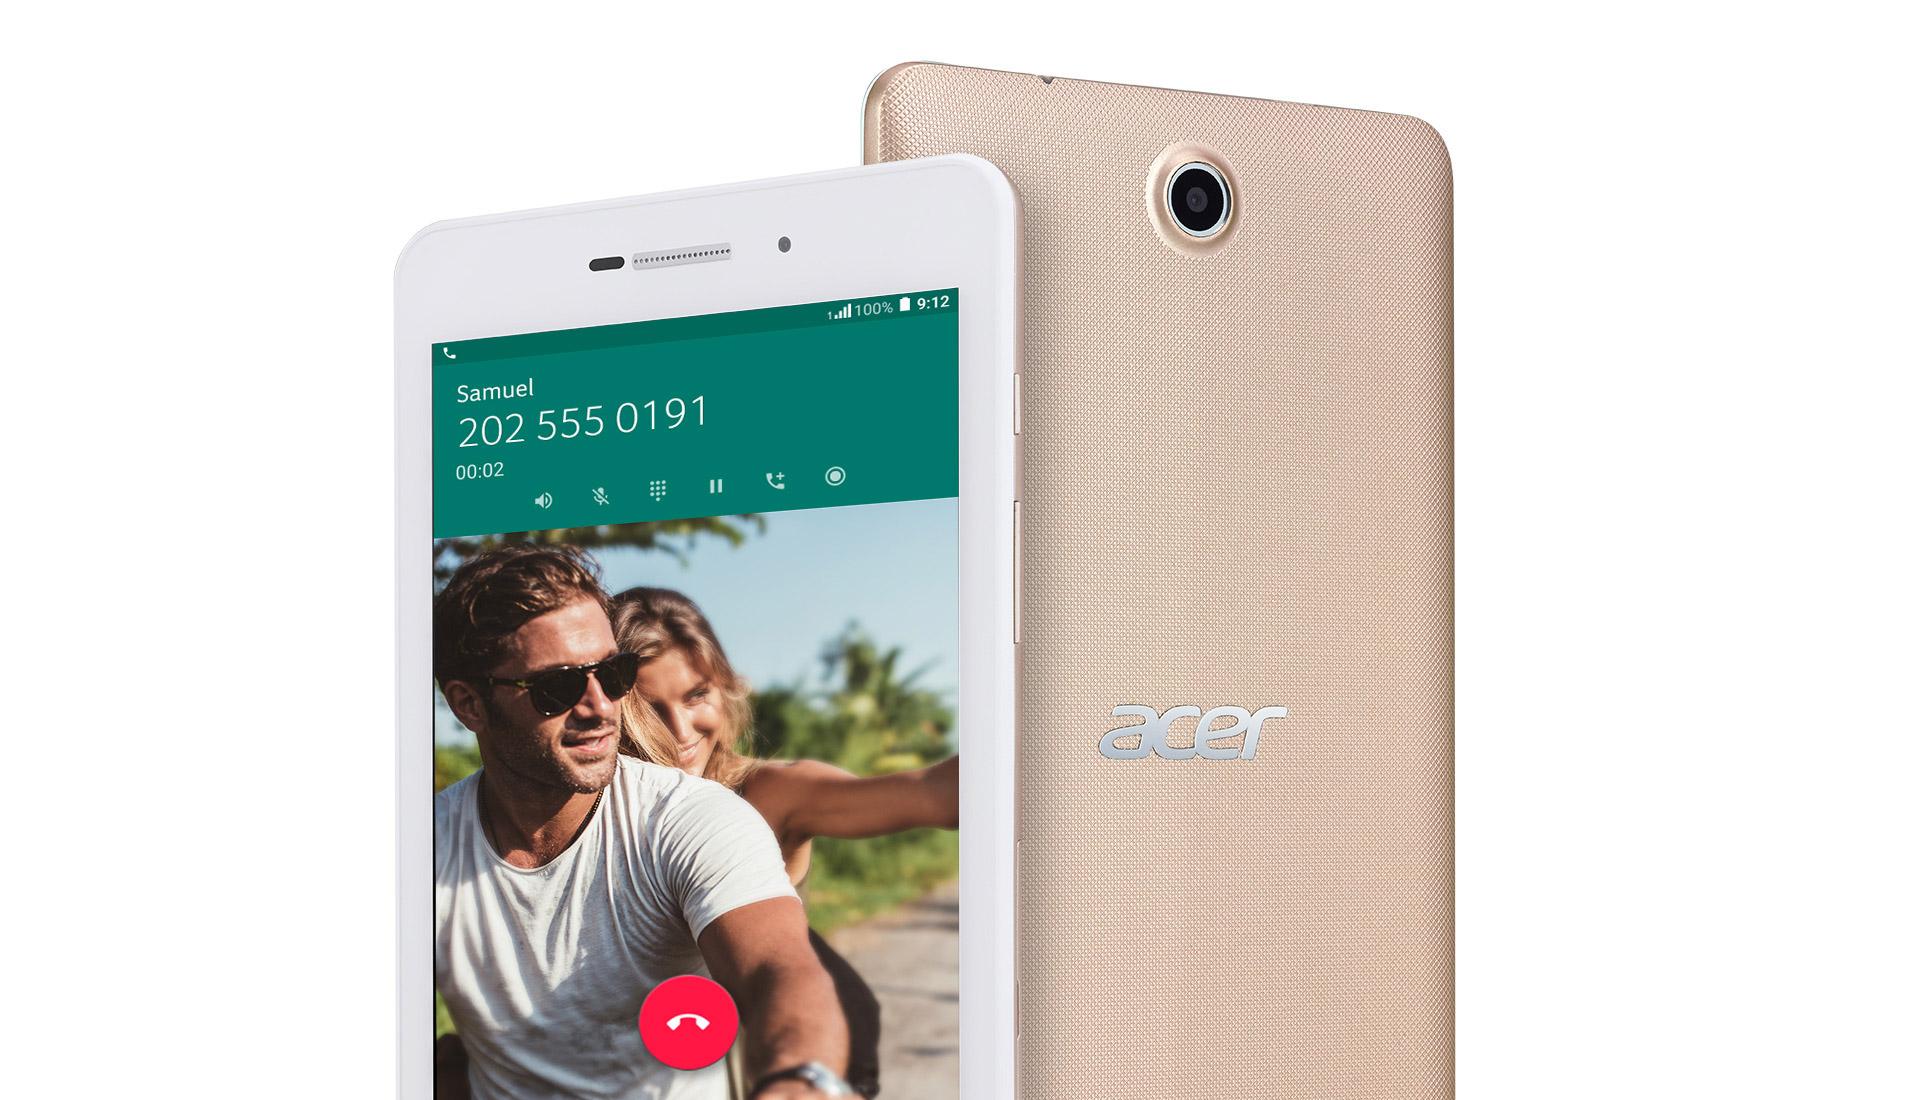 MWC 2017 : Acer Iconia Talk 7, une tablette qui téléphone